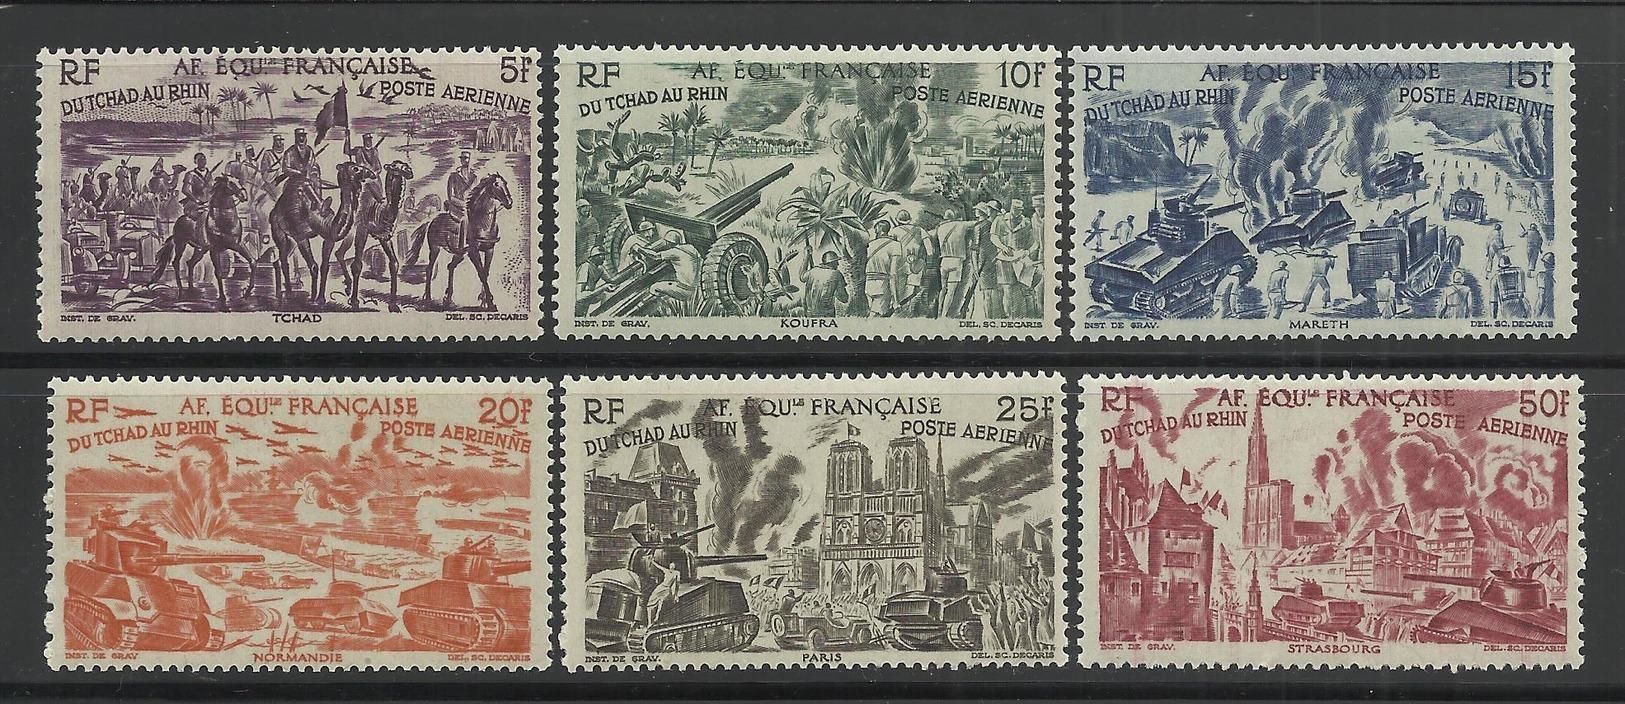 AFRIQUE EQUATORIALE FRANCAISE - AEF - A.E.F. - 1946 - YT PA 44/49** - SERIE COMPLETE - A.E.F. (1936-1958)